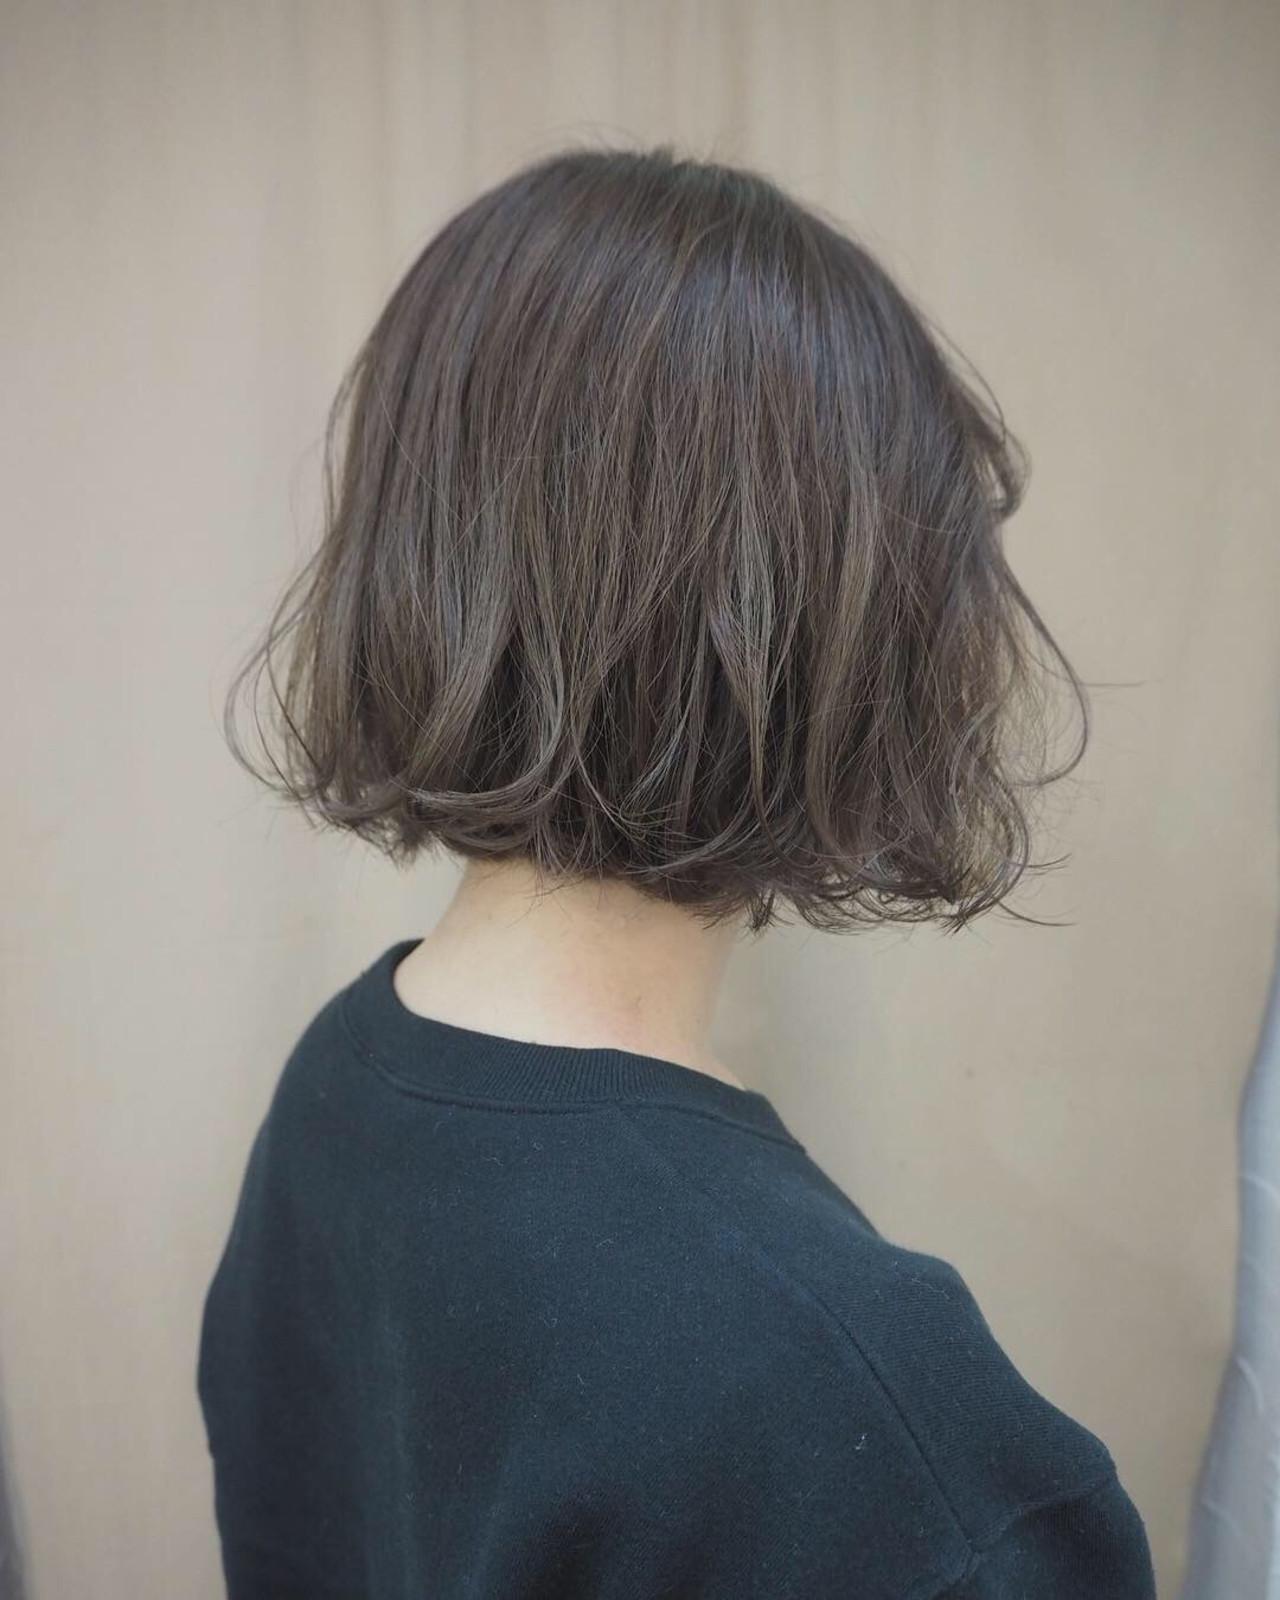 グレージュ ボブ ウェーブ 透明感 ヘアスタイルや髪型の写真・画像